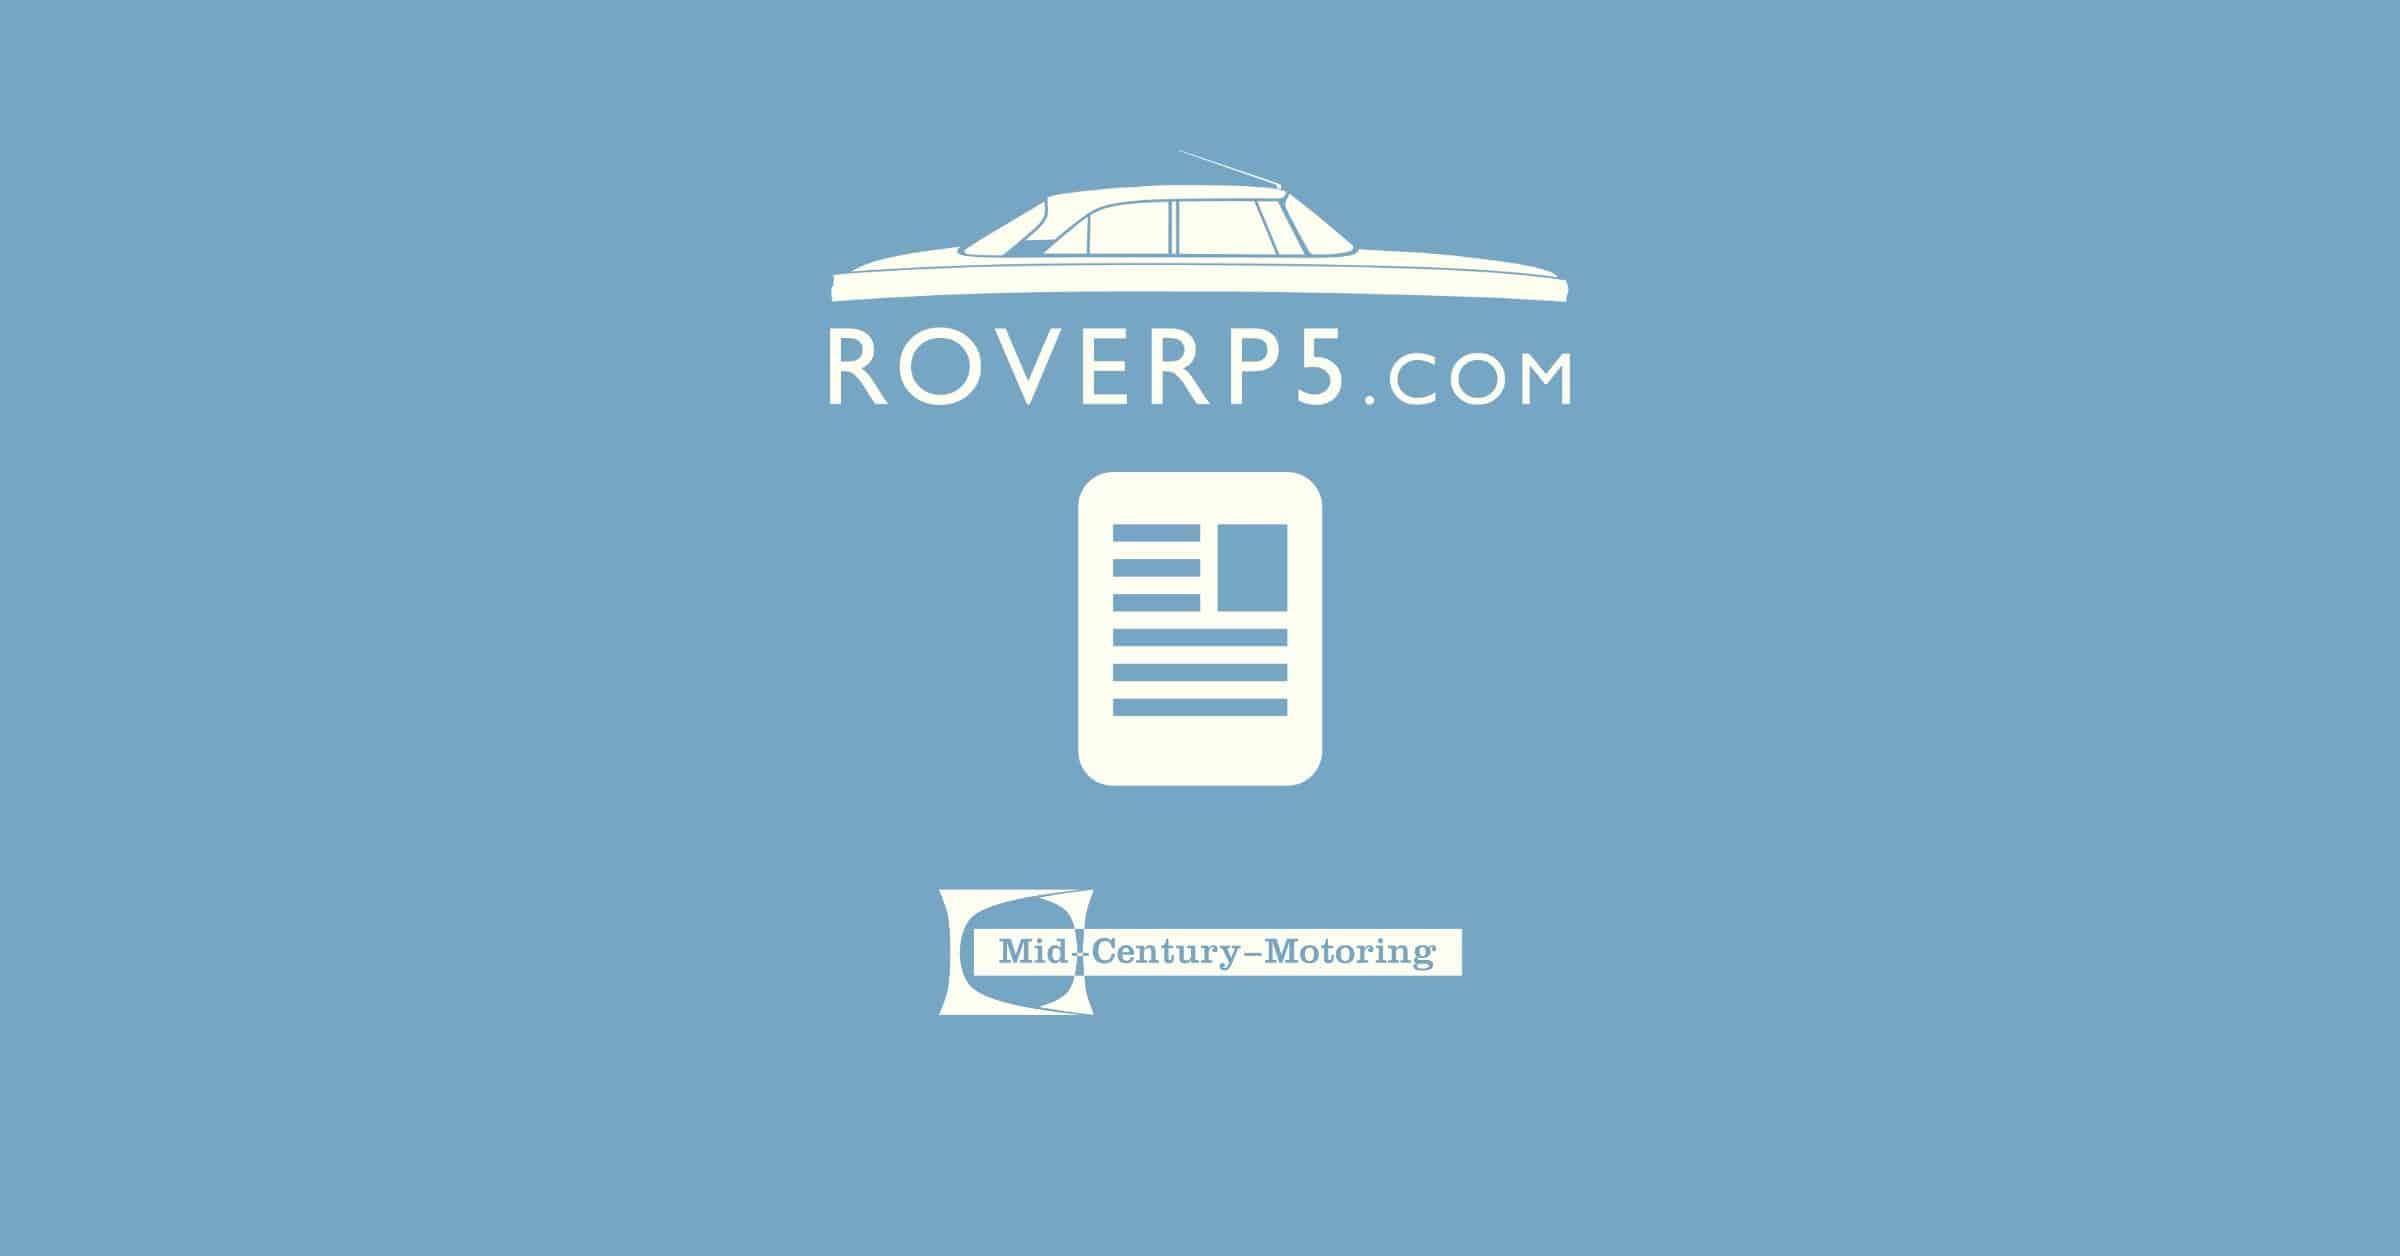 Cold War Motors 1963 Rover P5: Update 01